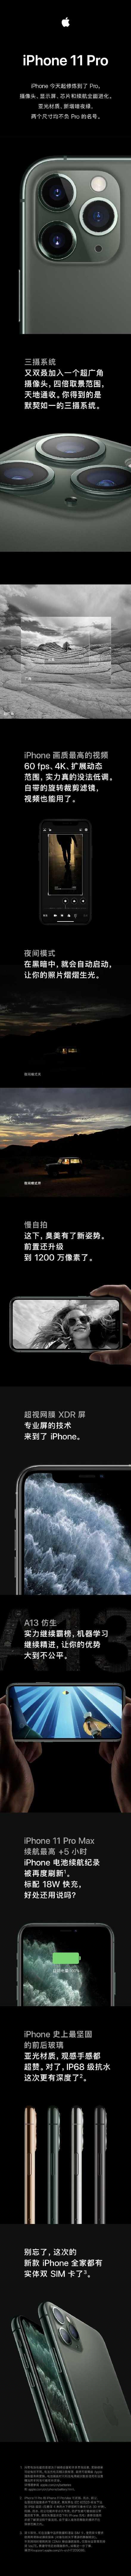 苹果新品发布会来了 新款iPhone 5499元起